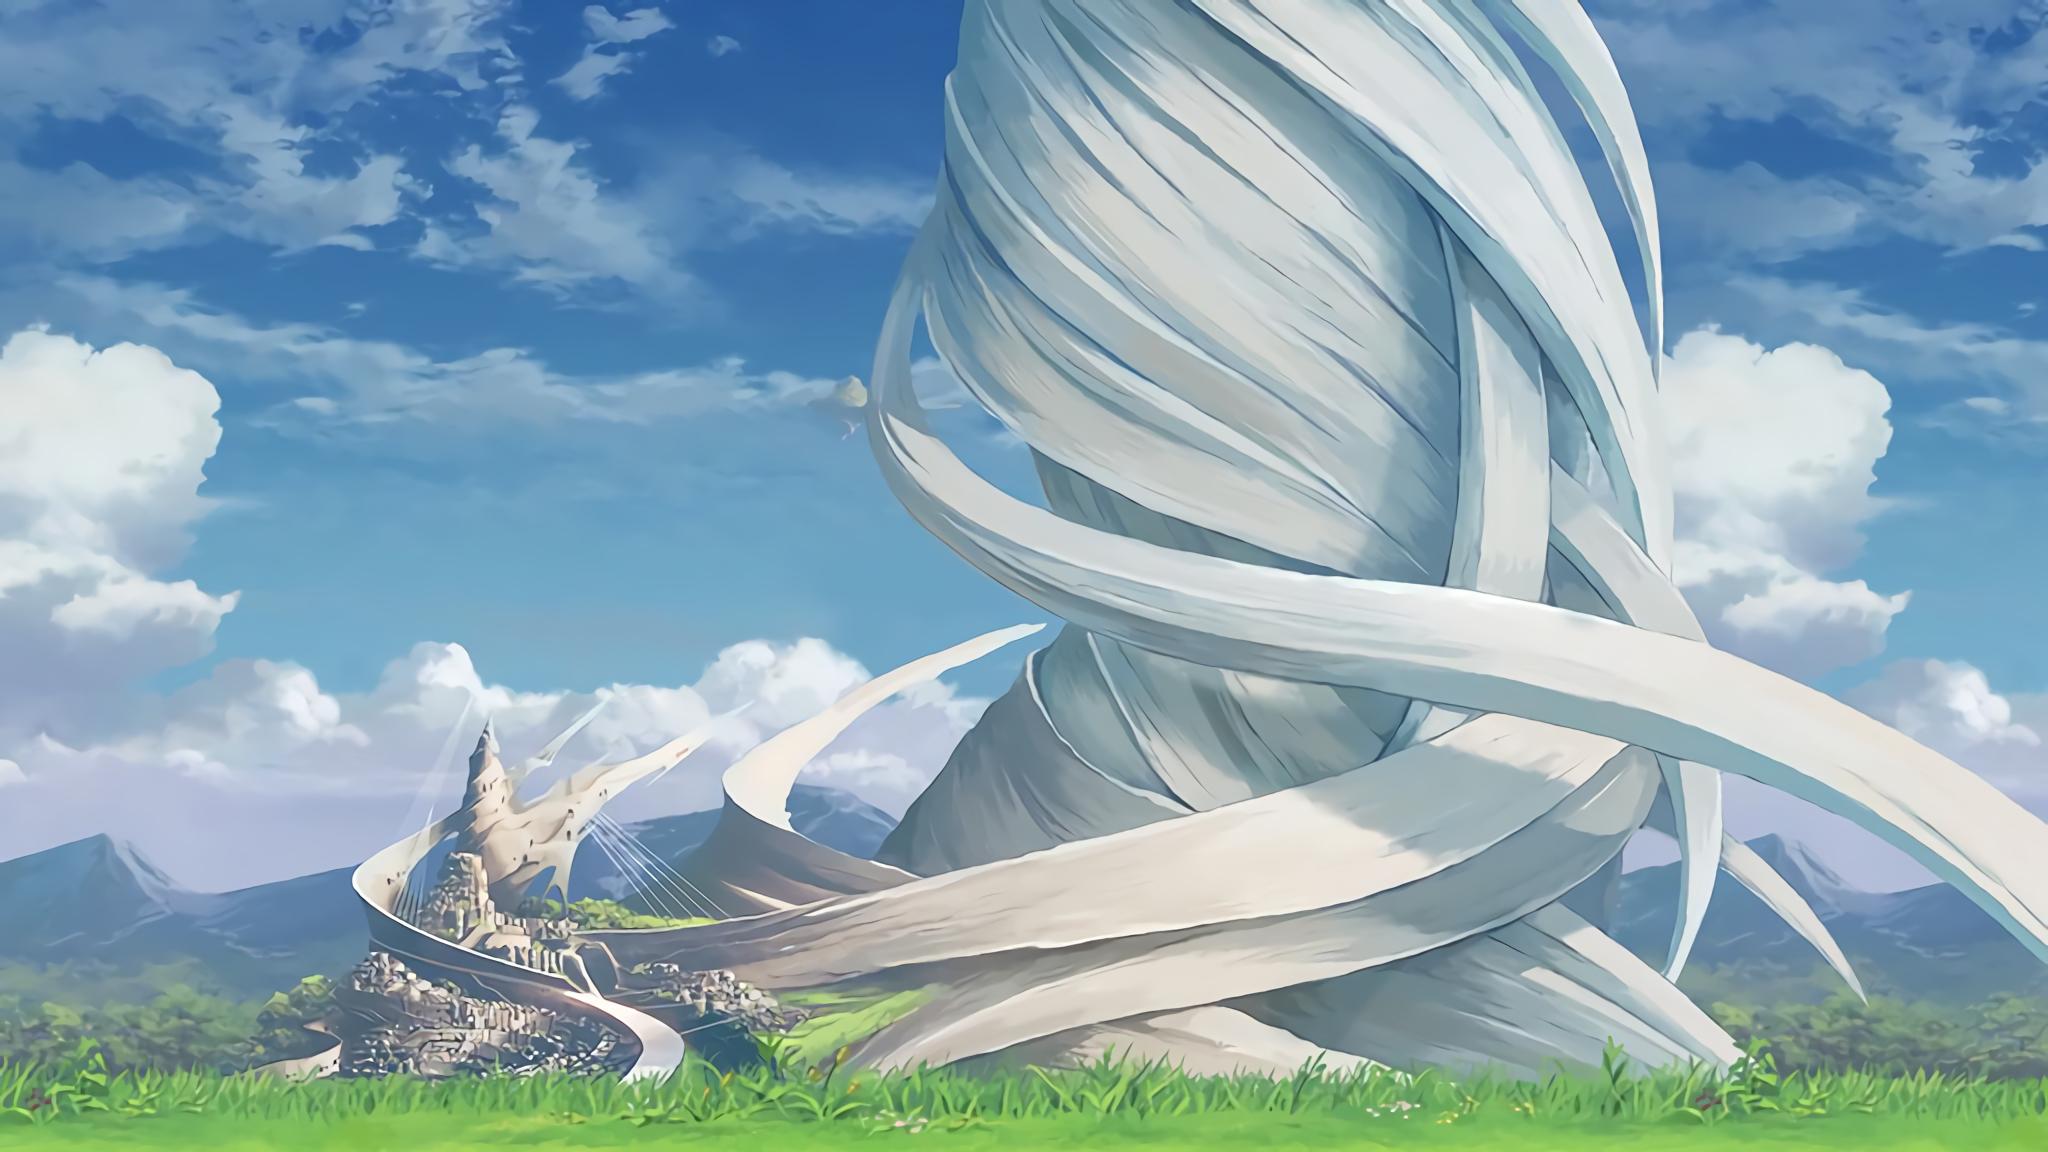 2560x1024 Hd Wallpaper 刀剑神域 高清壁纸 桌面背景 2048x1152 Id 797803 Wallpaper Abyss